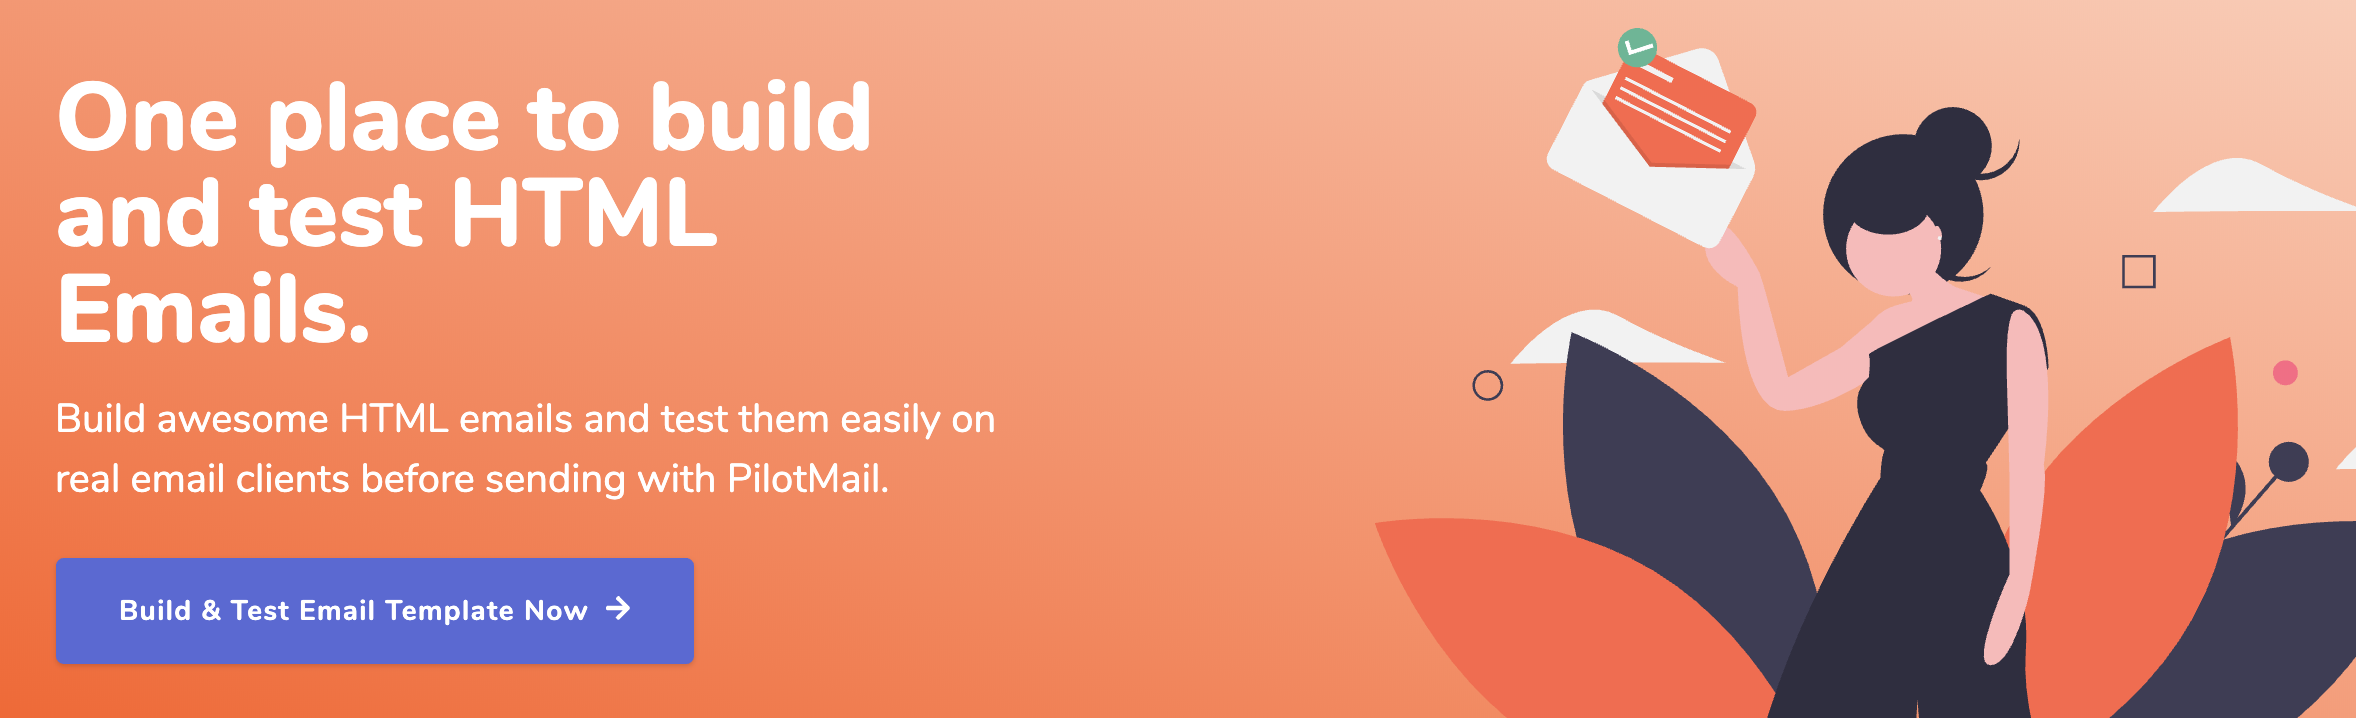 PilotMail